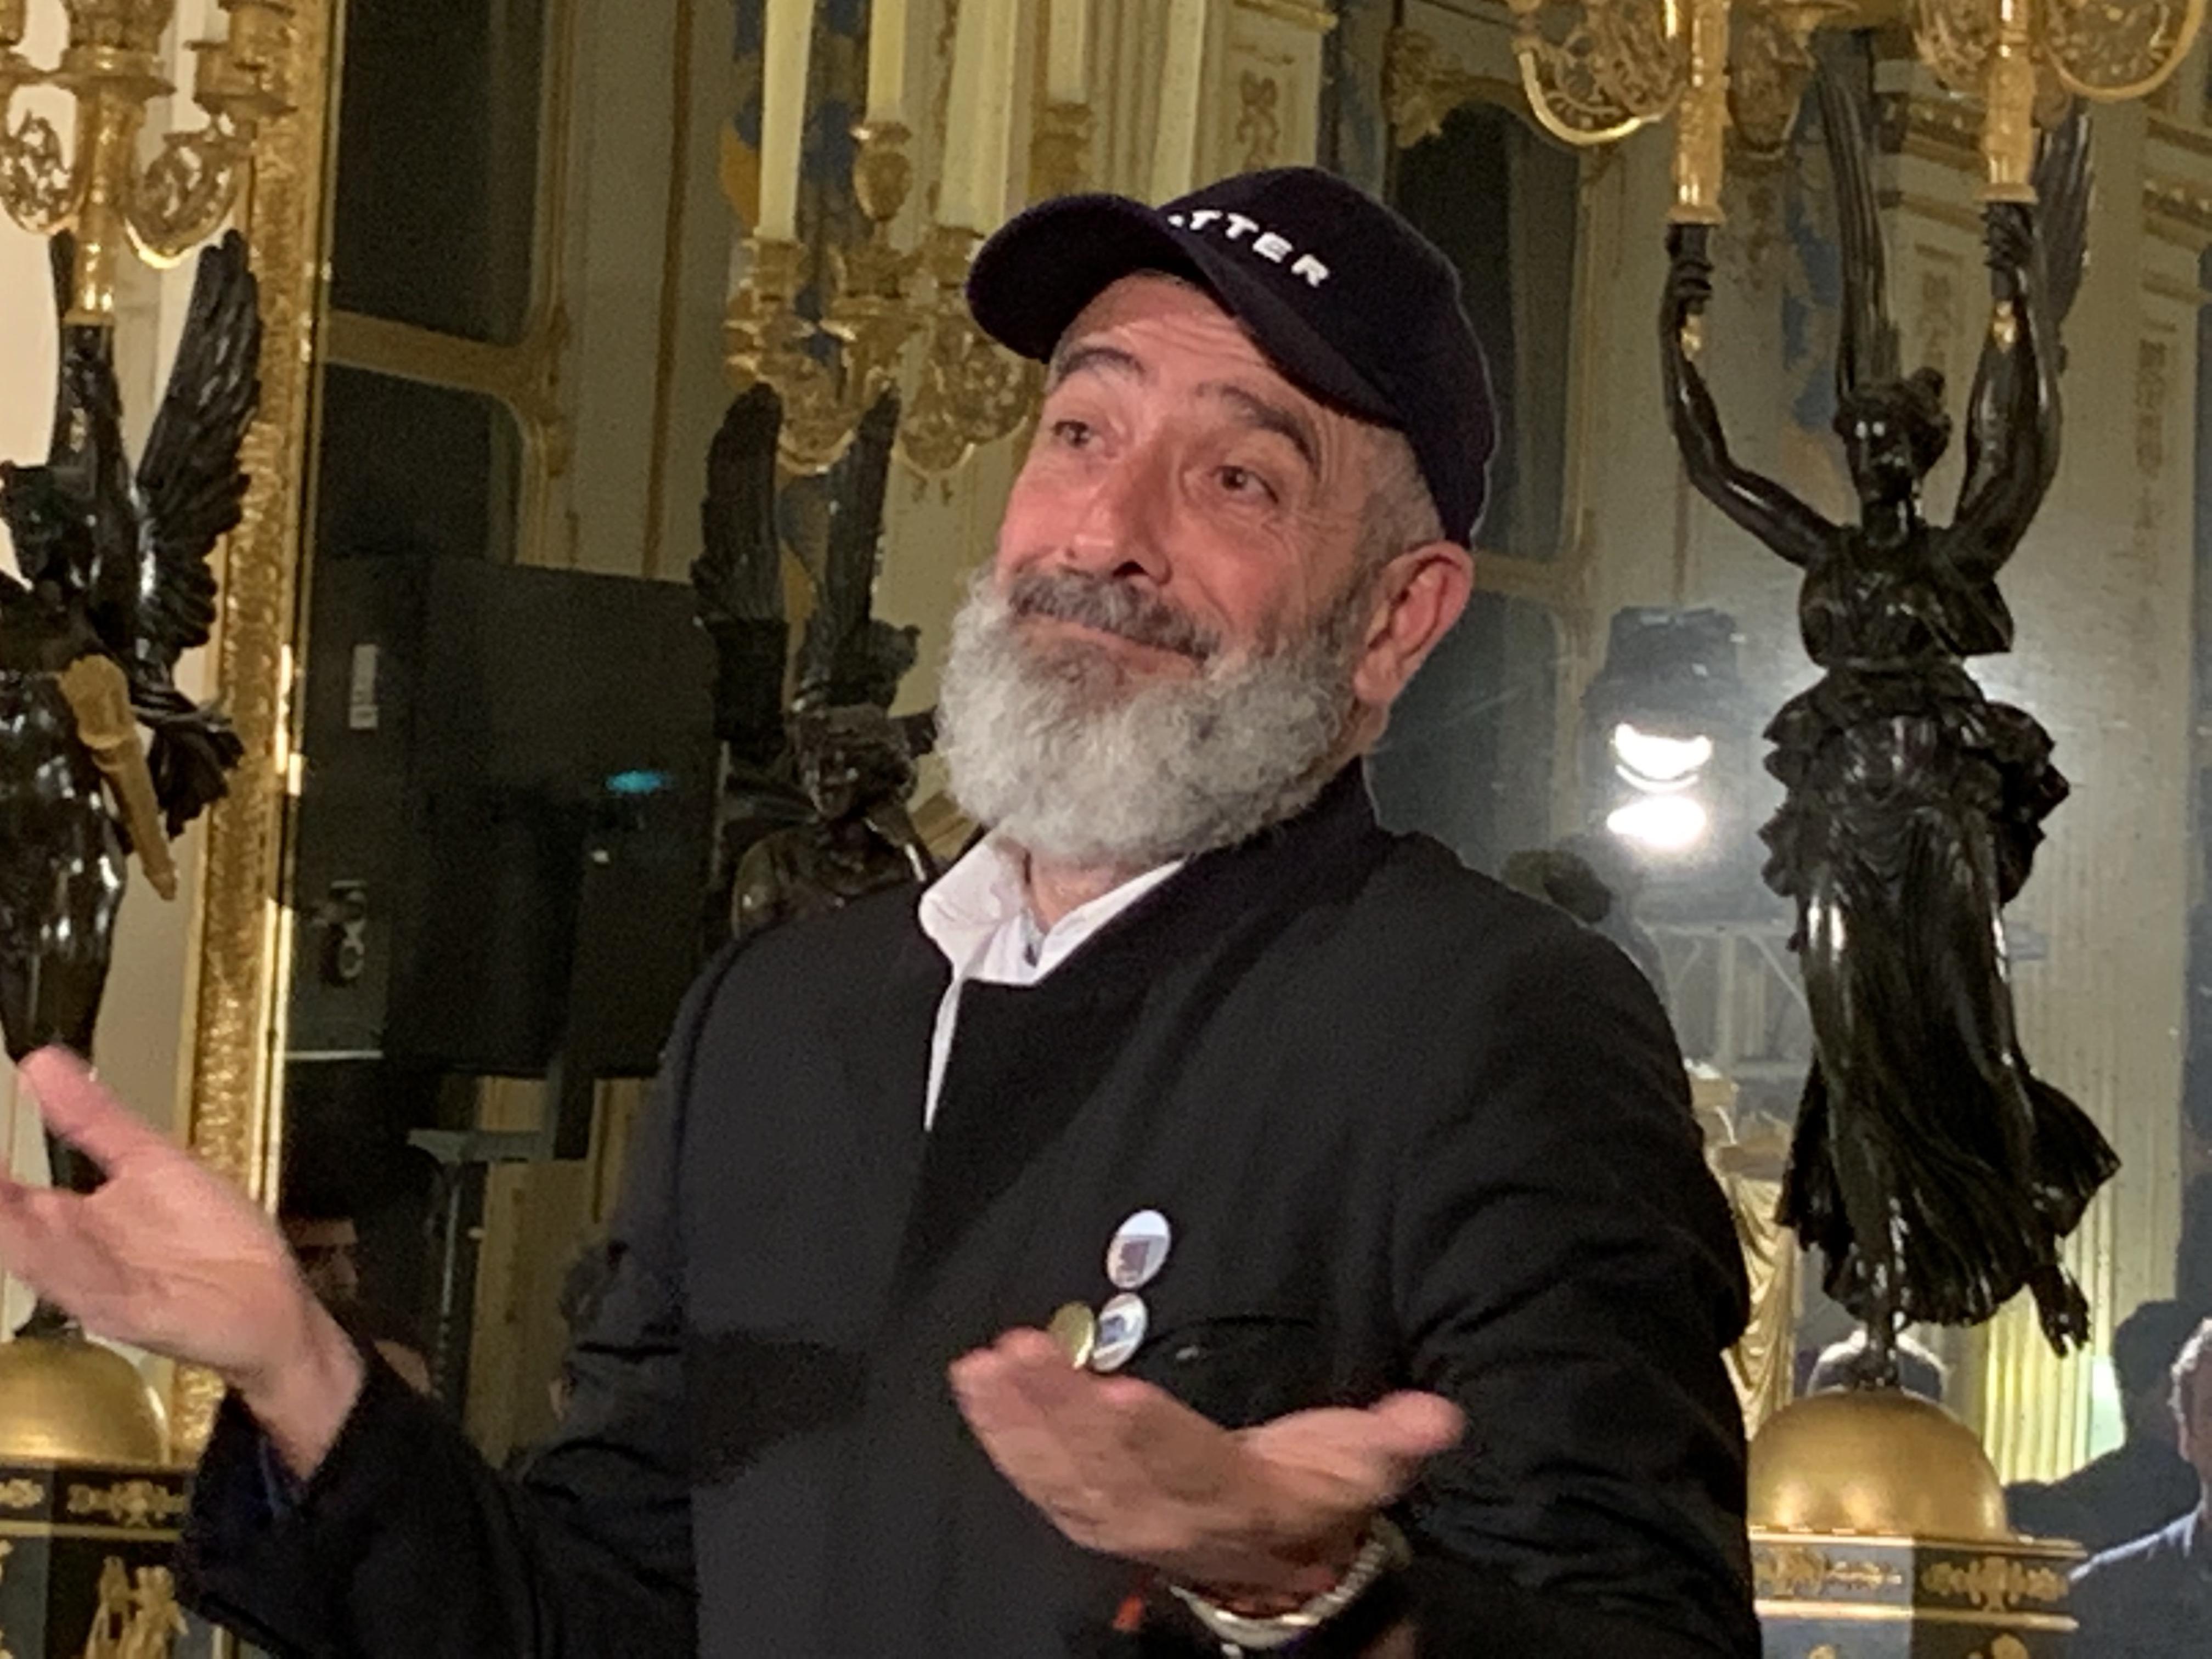 Jean-Pierre Blanc, FESTIVAL INTERNATIONAL DE MODE & DE PHOTOGRAPHIE HYÈRES, annonce des jurys et finalistes, 2019.